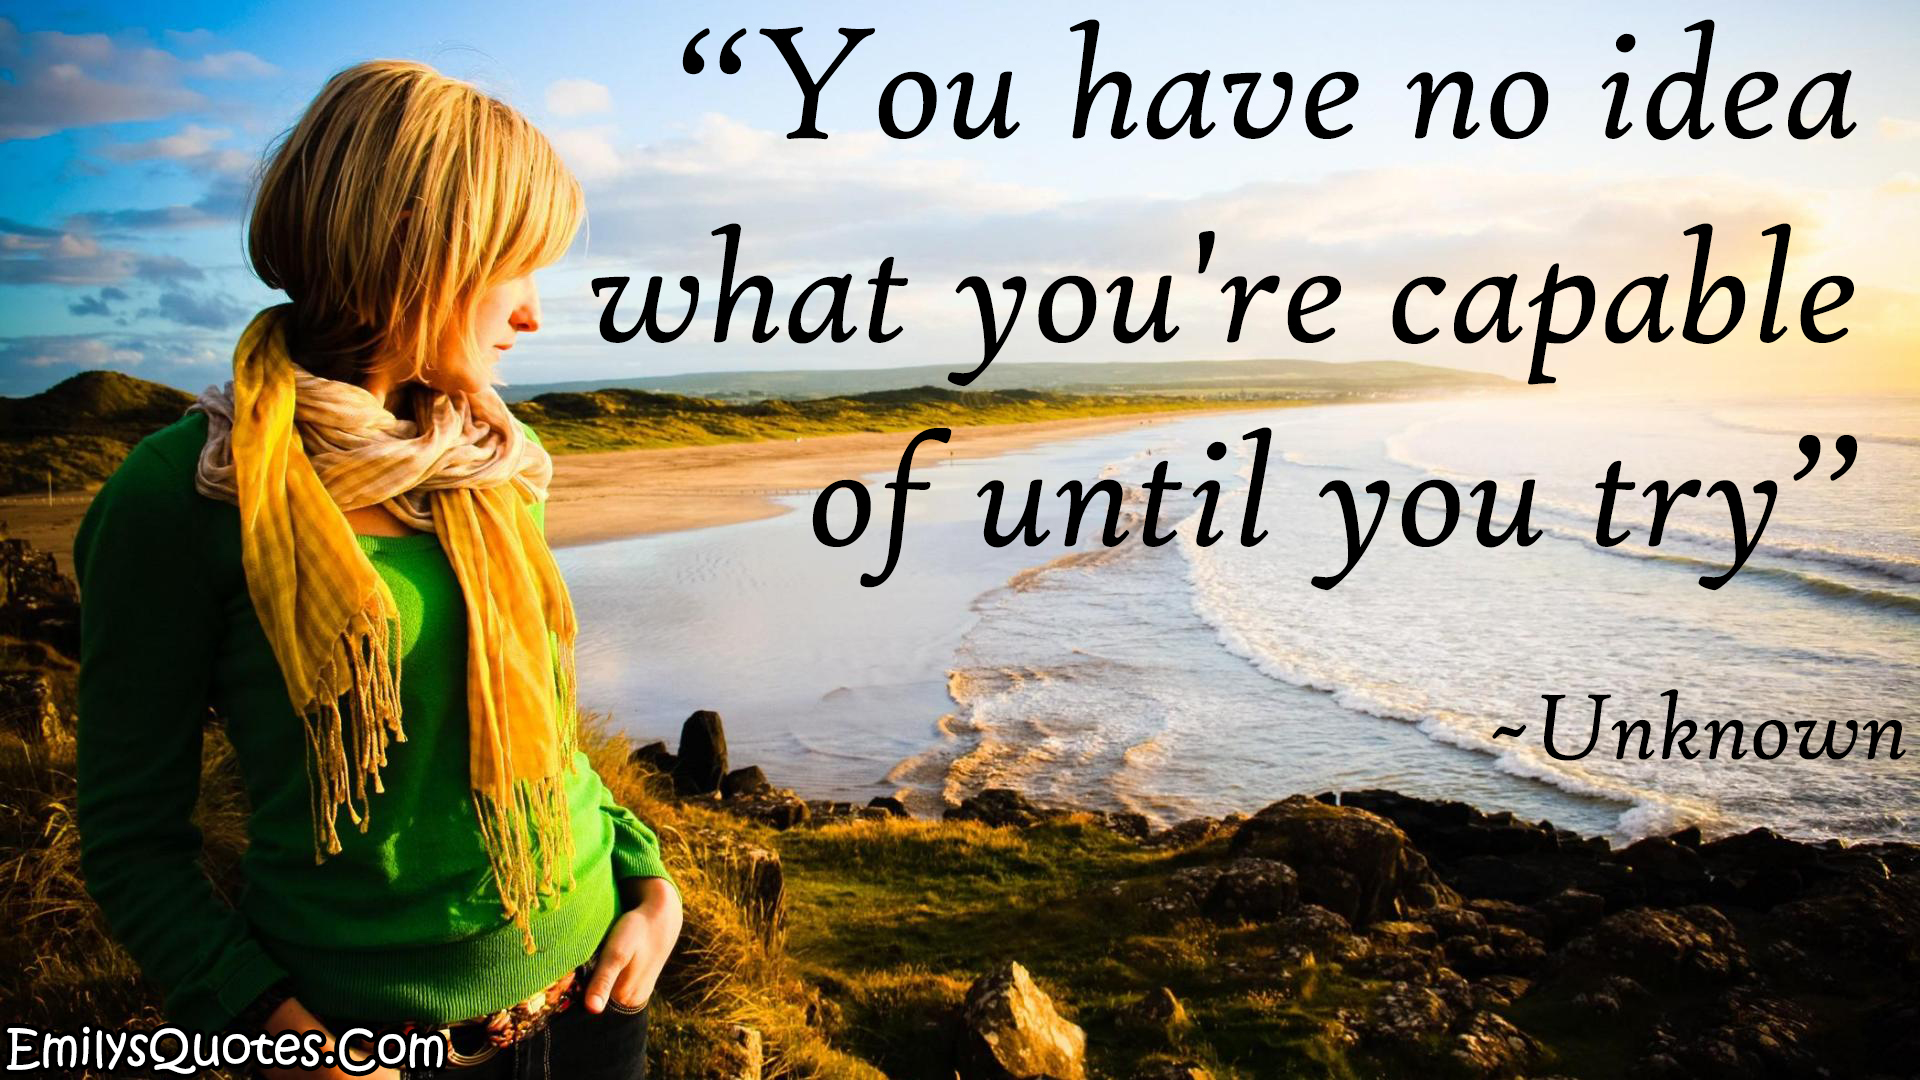 EmilysQuotes.Com-amazing-great-inspirational-motivational-attitude.jpg